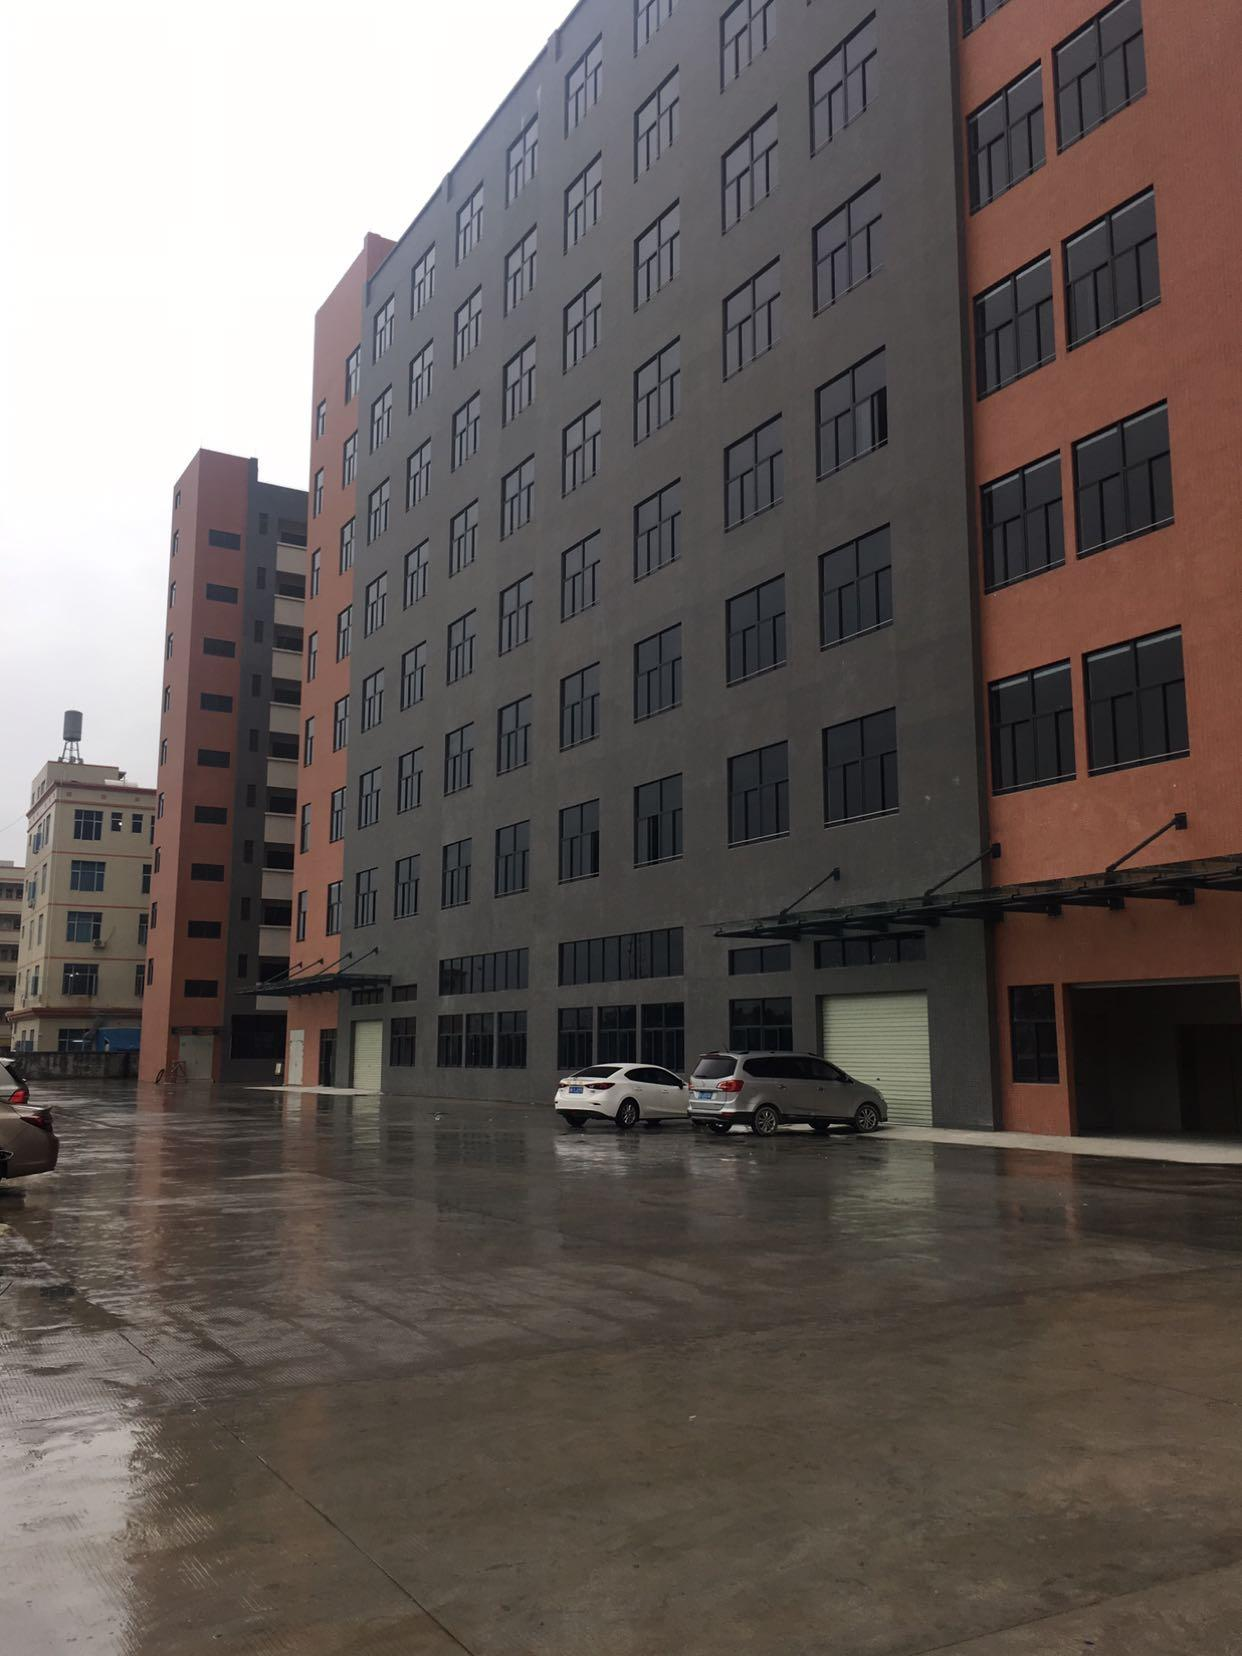 上市公司看过来证件齐全总建筑58000平方